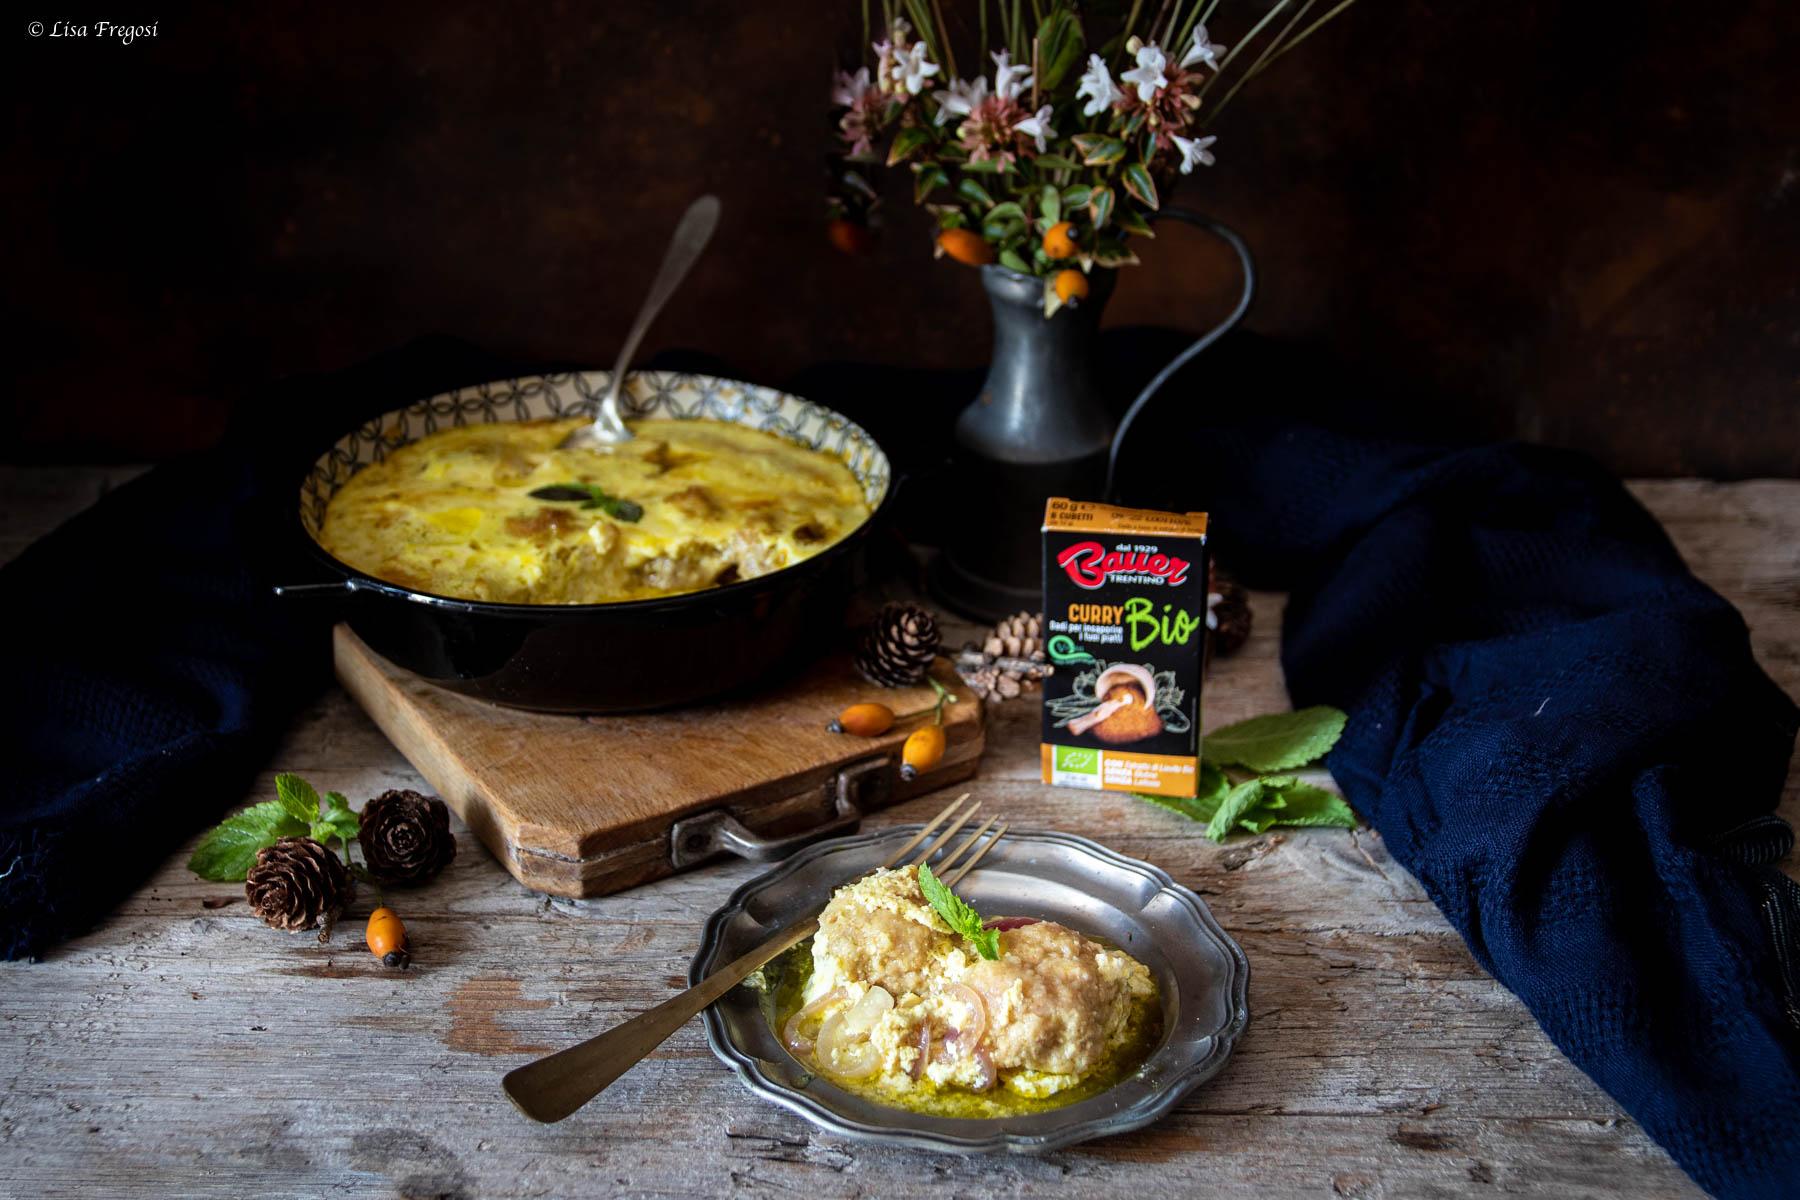 La ricetta delle polpette di pollo al curry e crema yogurt